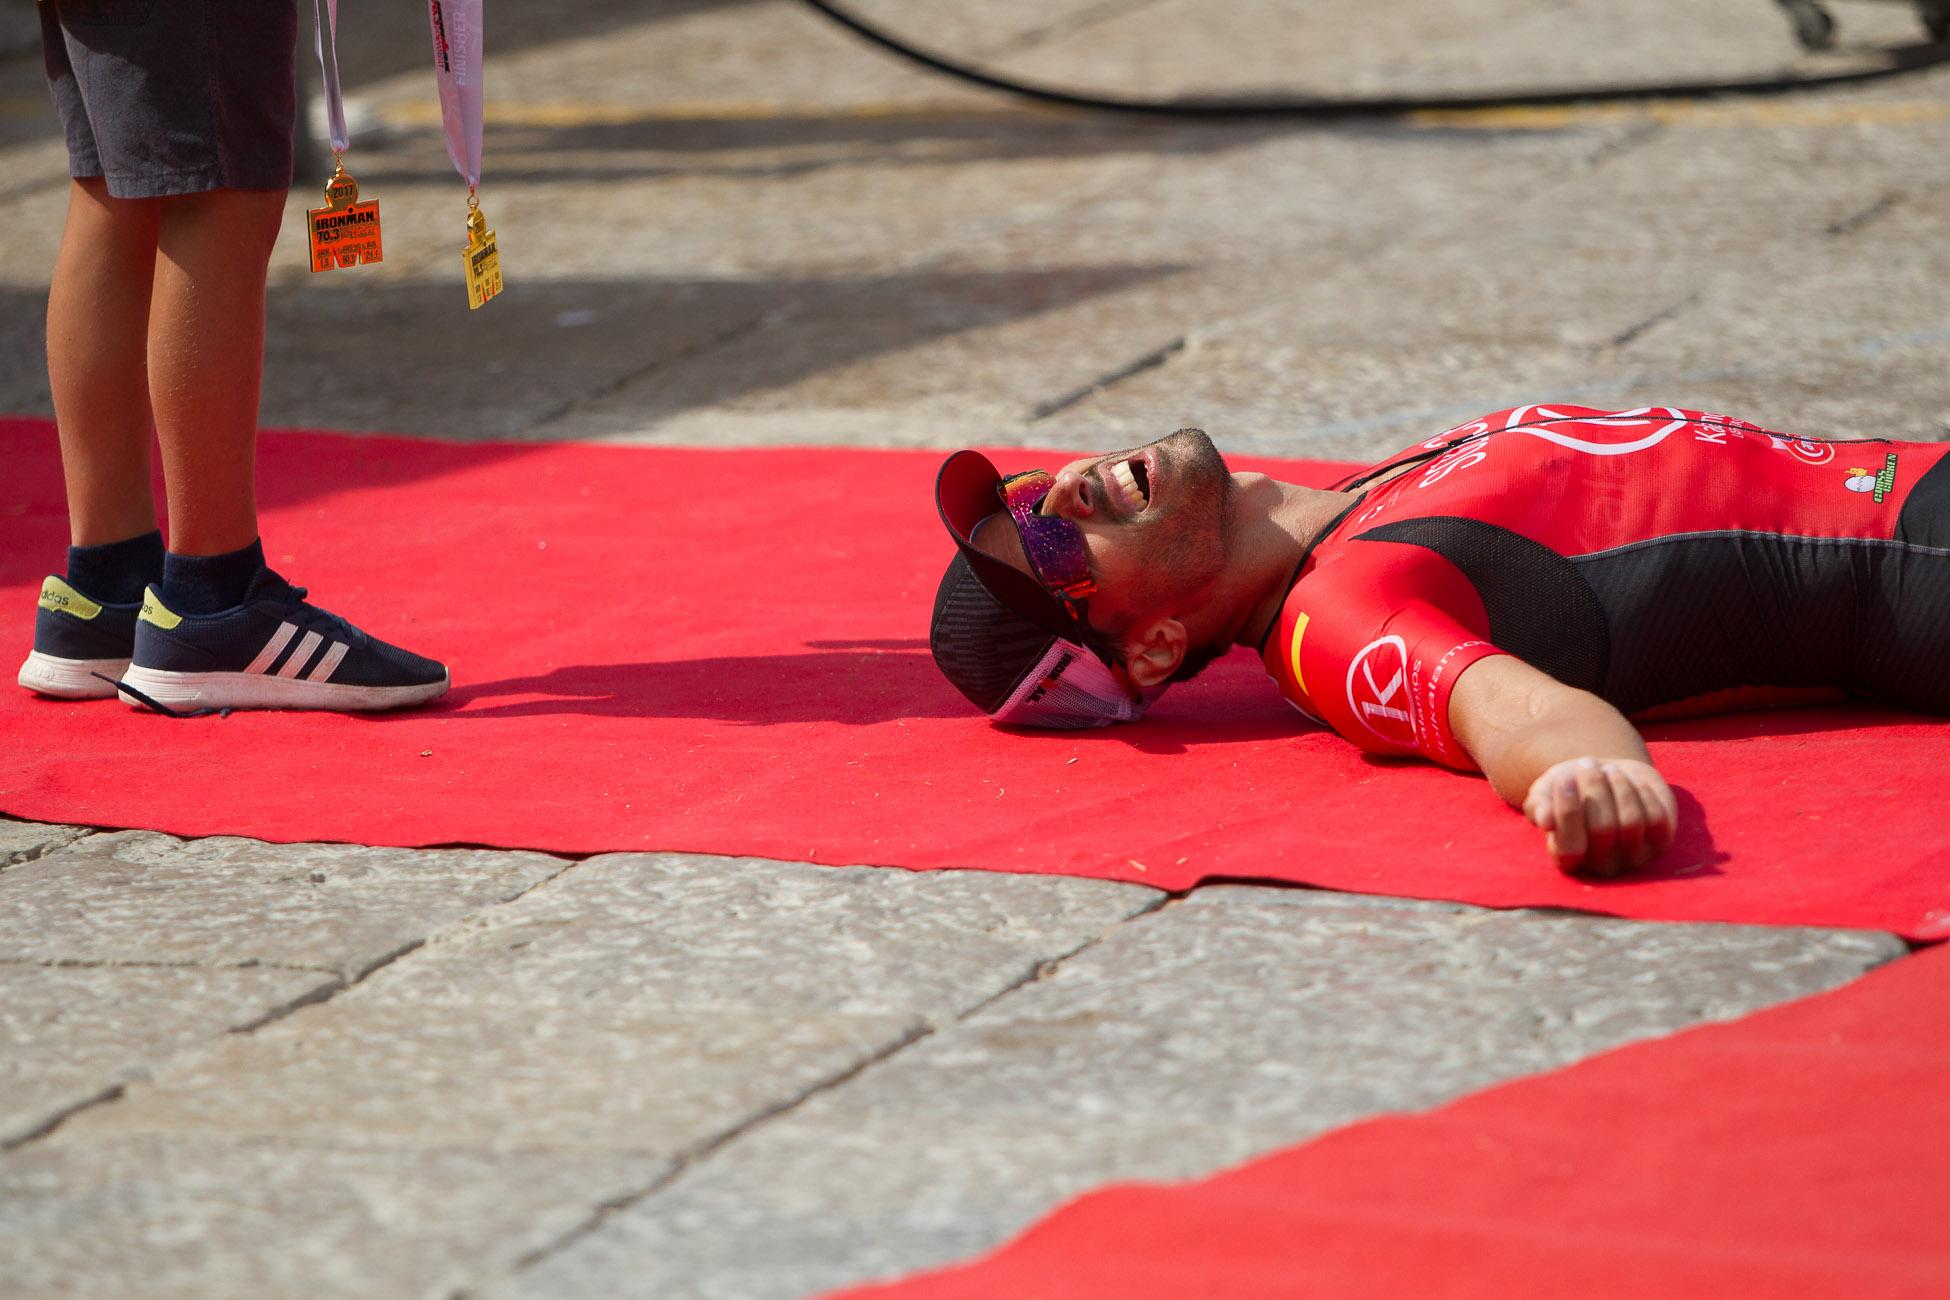 ironman-triatlo-fitness-lifestyle-desporto-atleta-fotografia-015.jpg